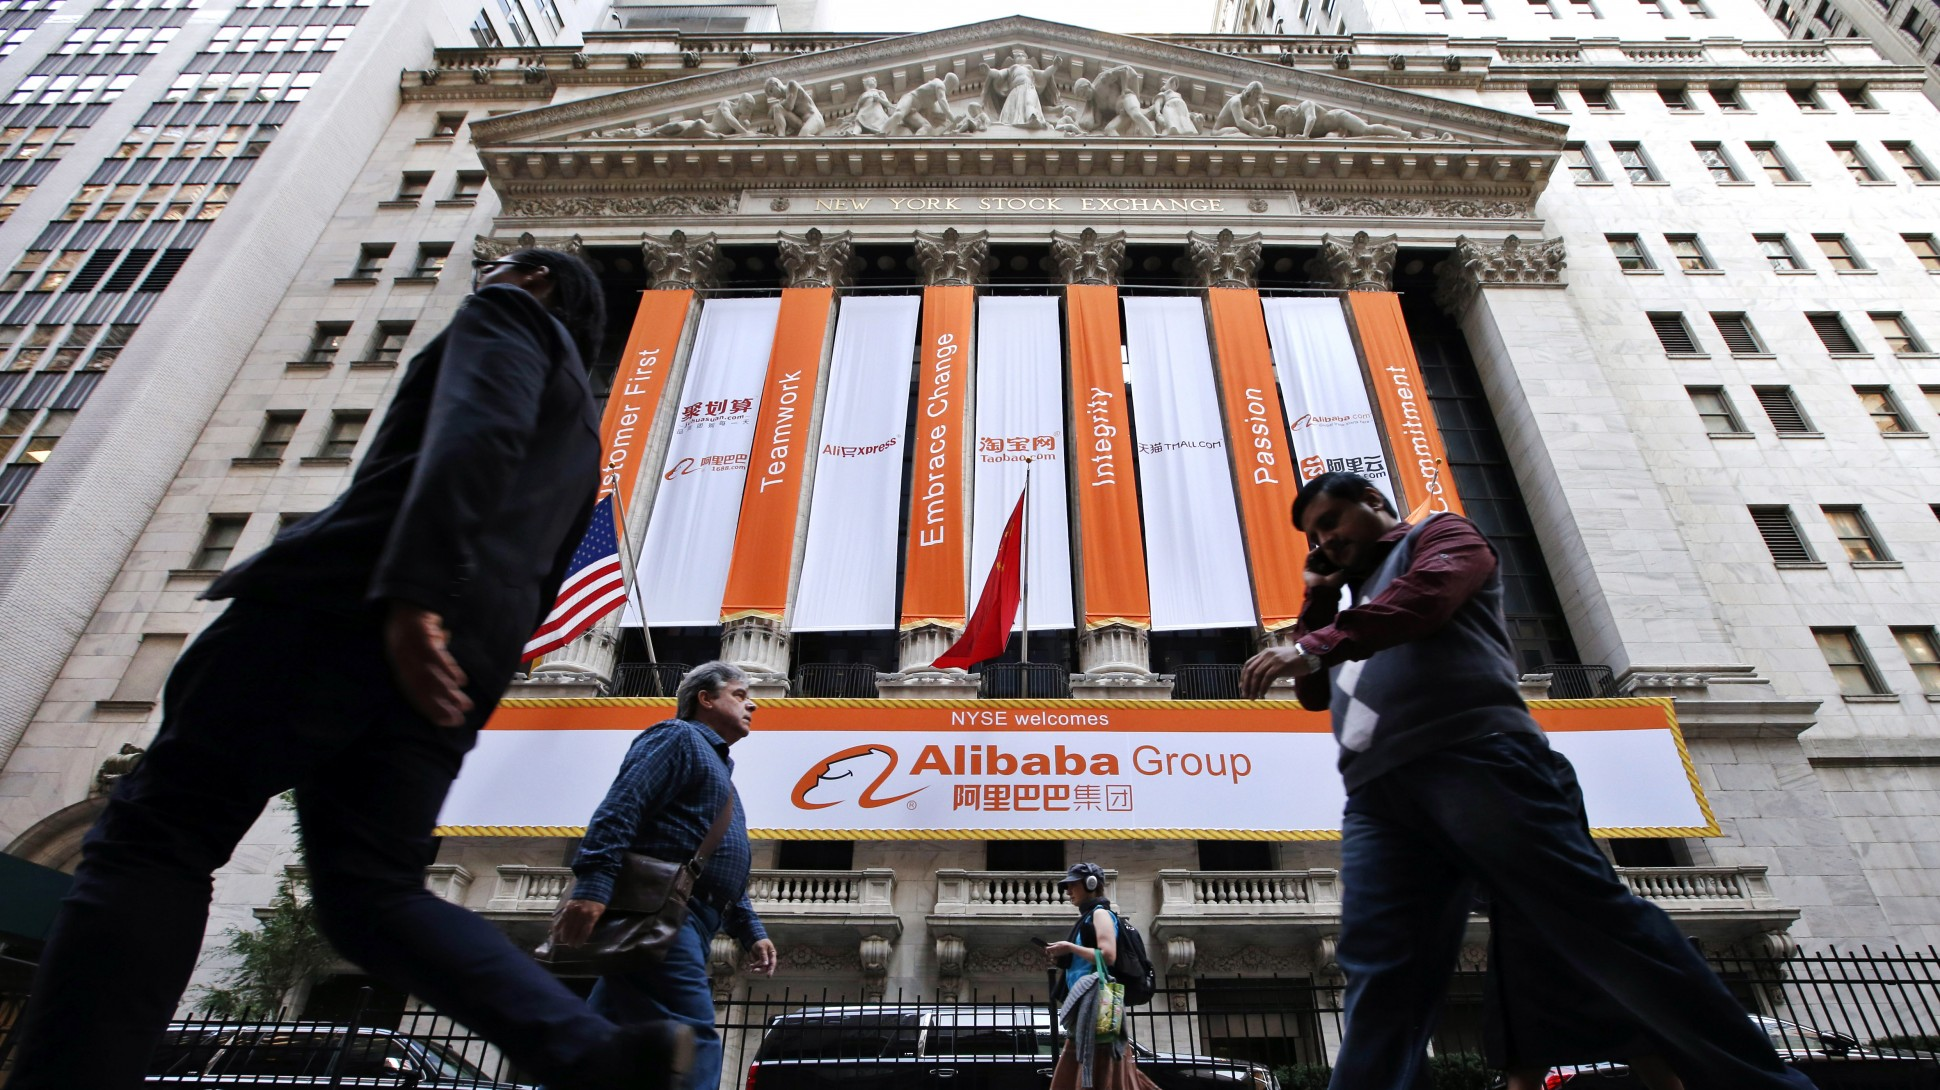 alibaba-street-e1411138568955-1940x1090-1.jpg